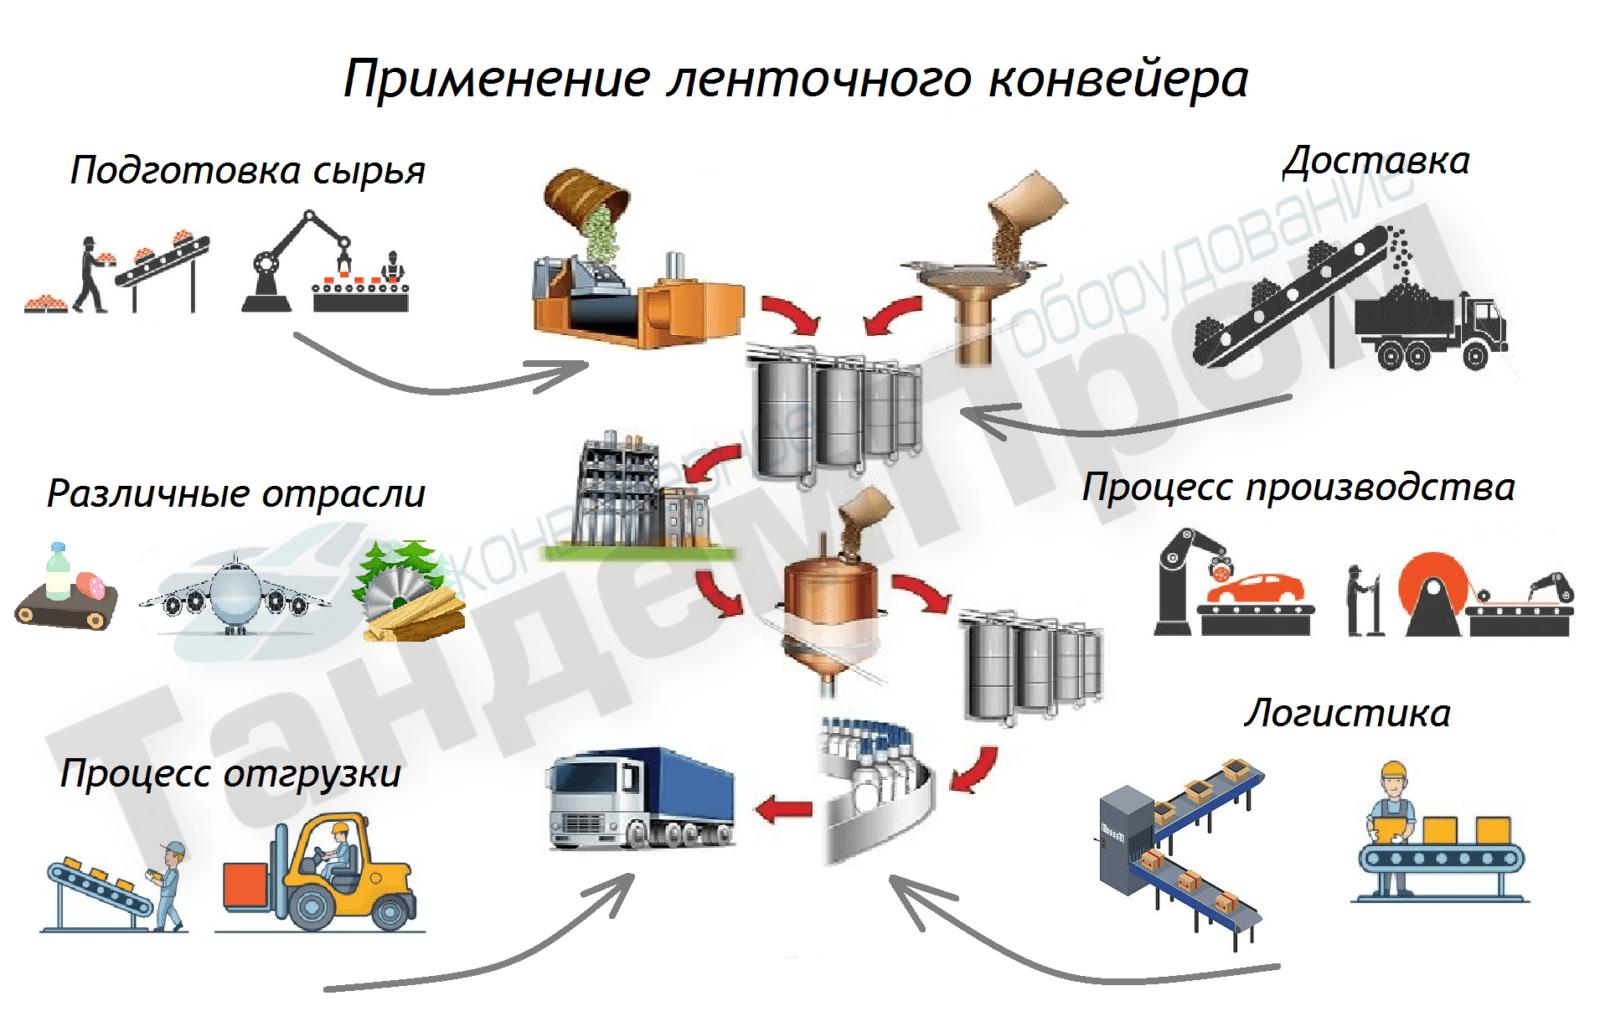 Сырьевой конвейер это автономка на фольксваген транспортер т5